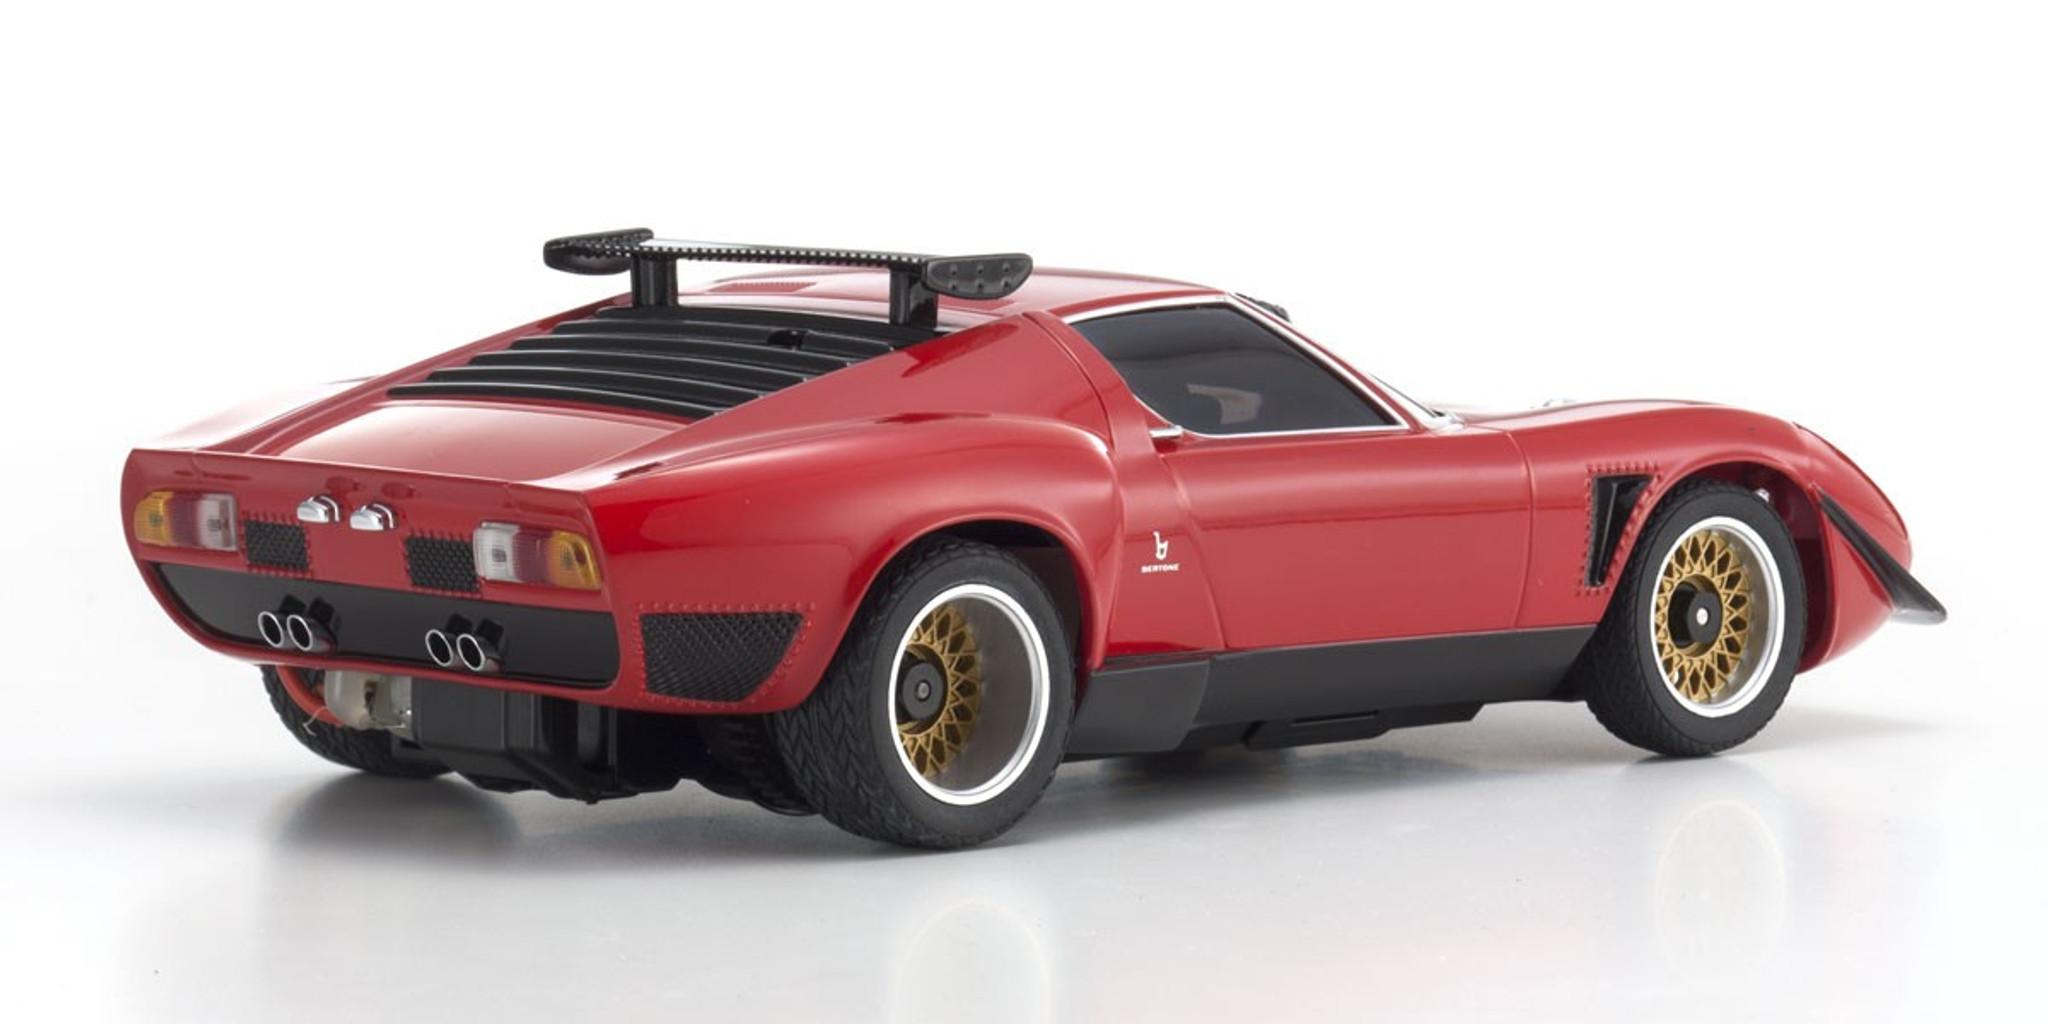 Kyosho Mini Z Mzp151r Lamborghini Jota Svr Red